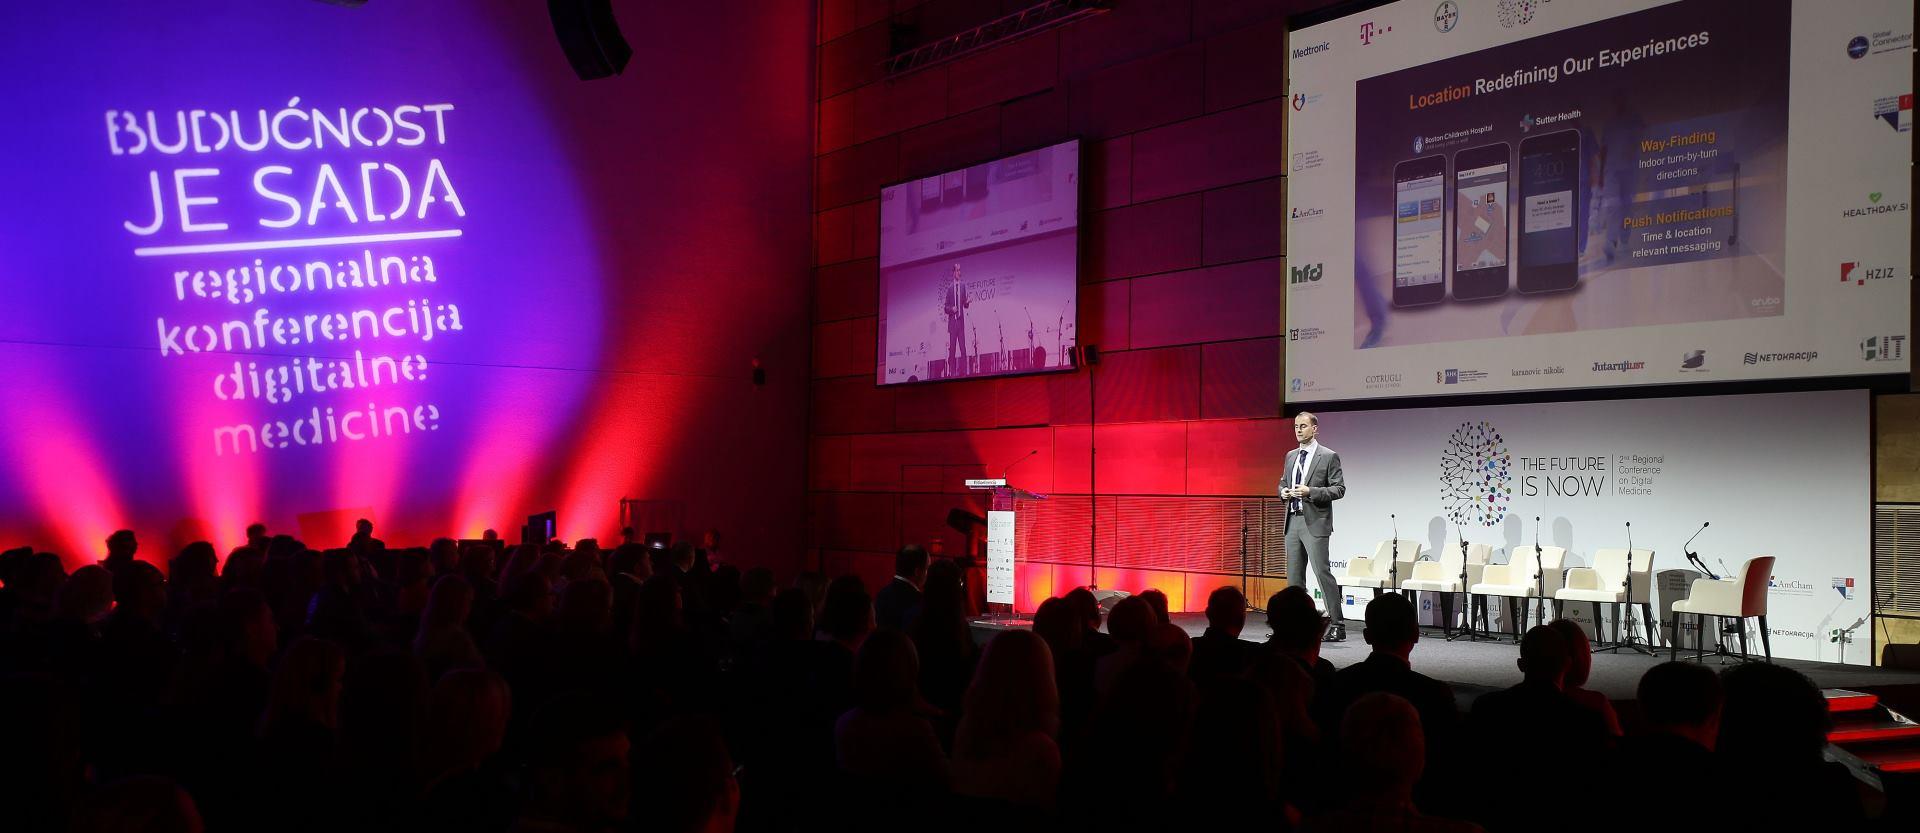 Održana 2. Regionalna konferencija digitalne medicine – 'Budućnost je sada'